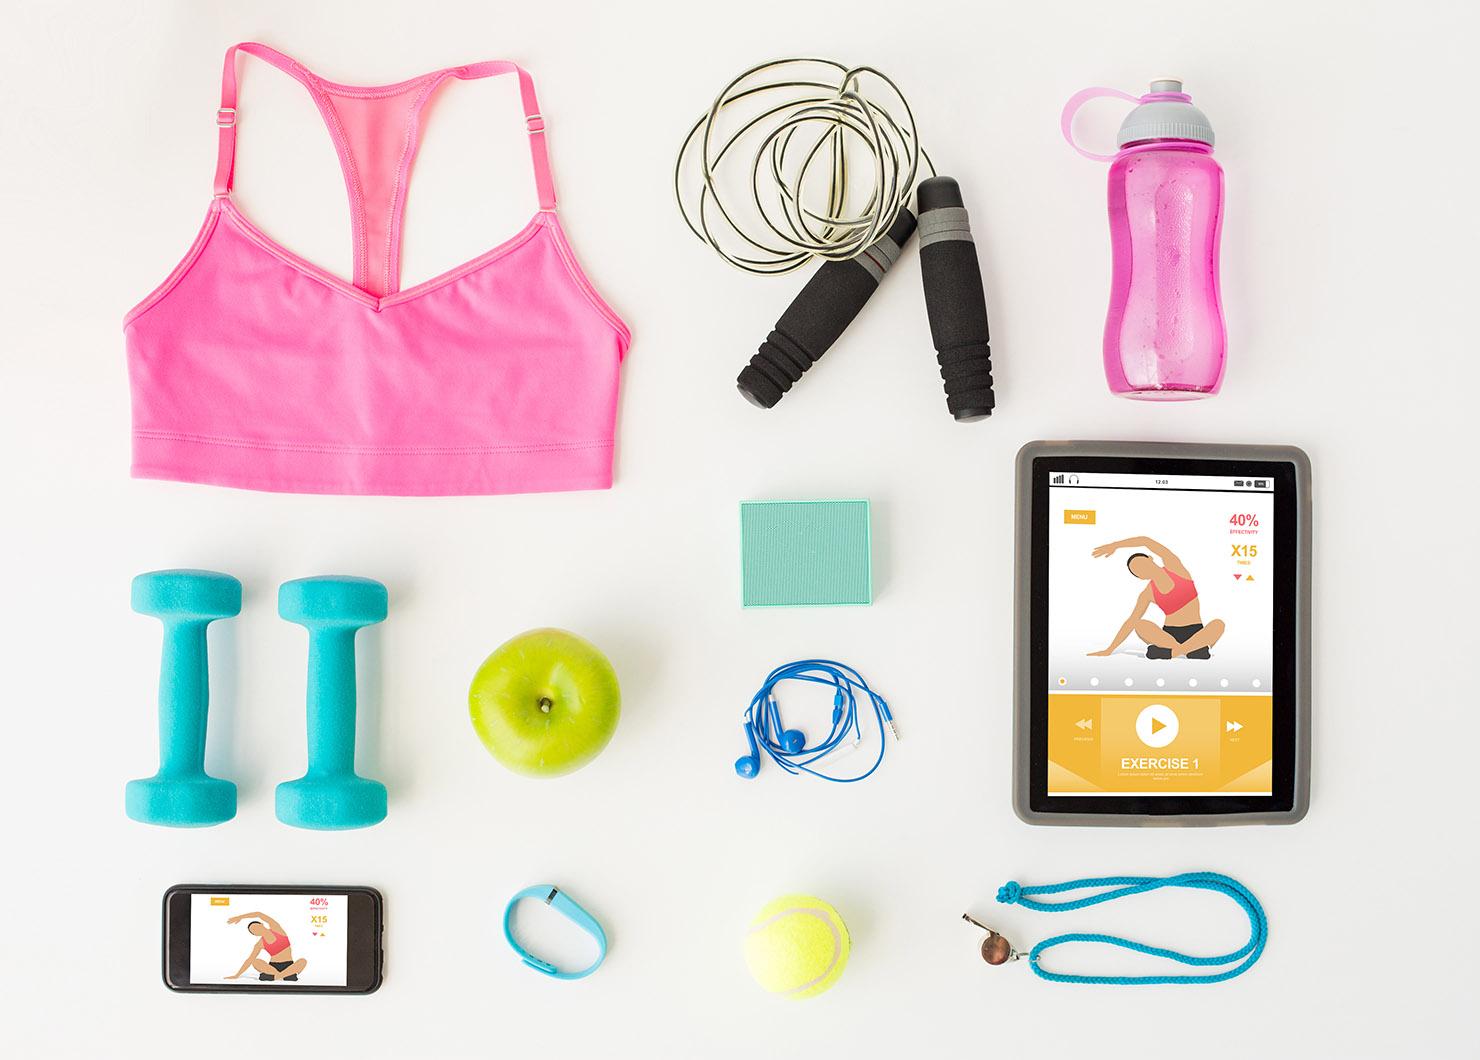 10 itens essenciais para acabar com seu plano de exercícios em casa • A loira no exterior 7